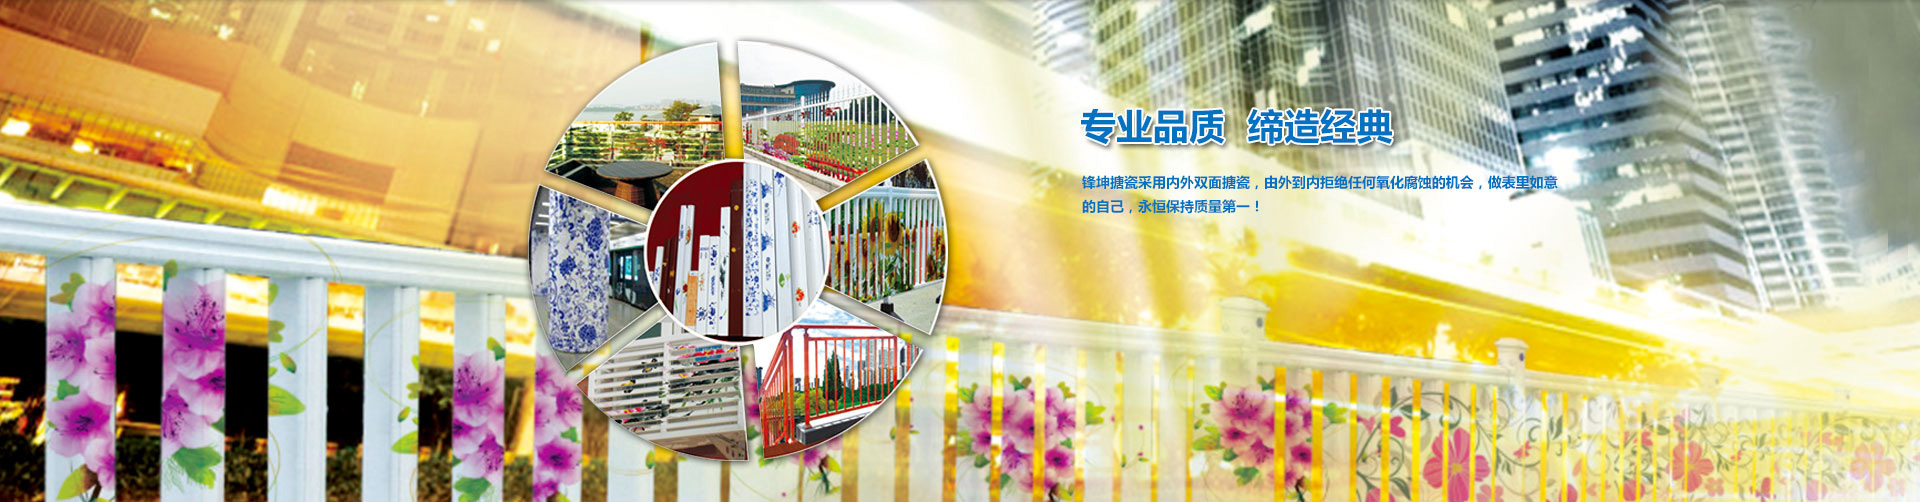 山东锋坤搪瓷护栏有限公司